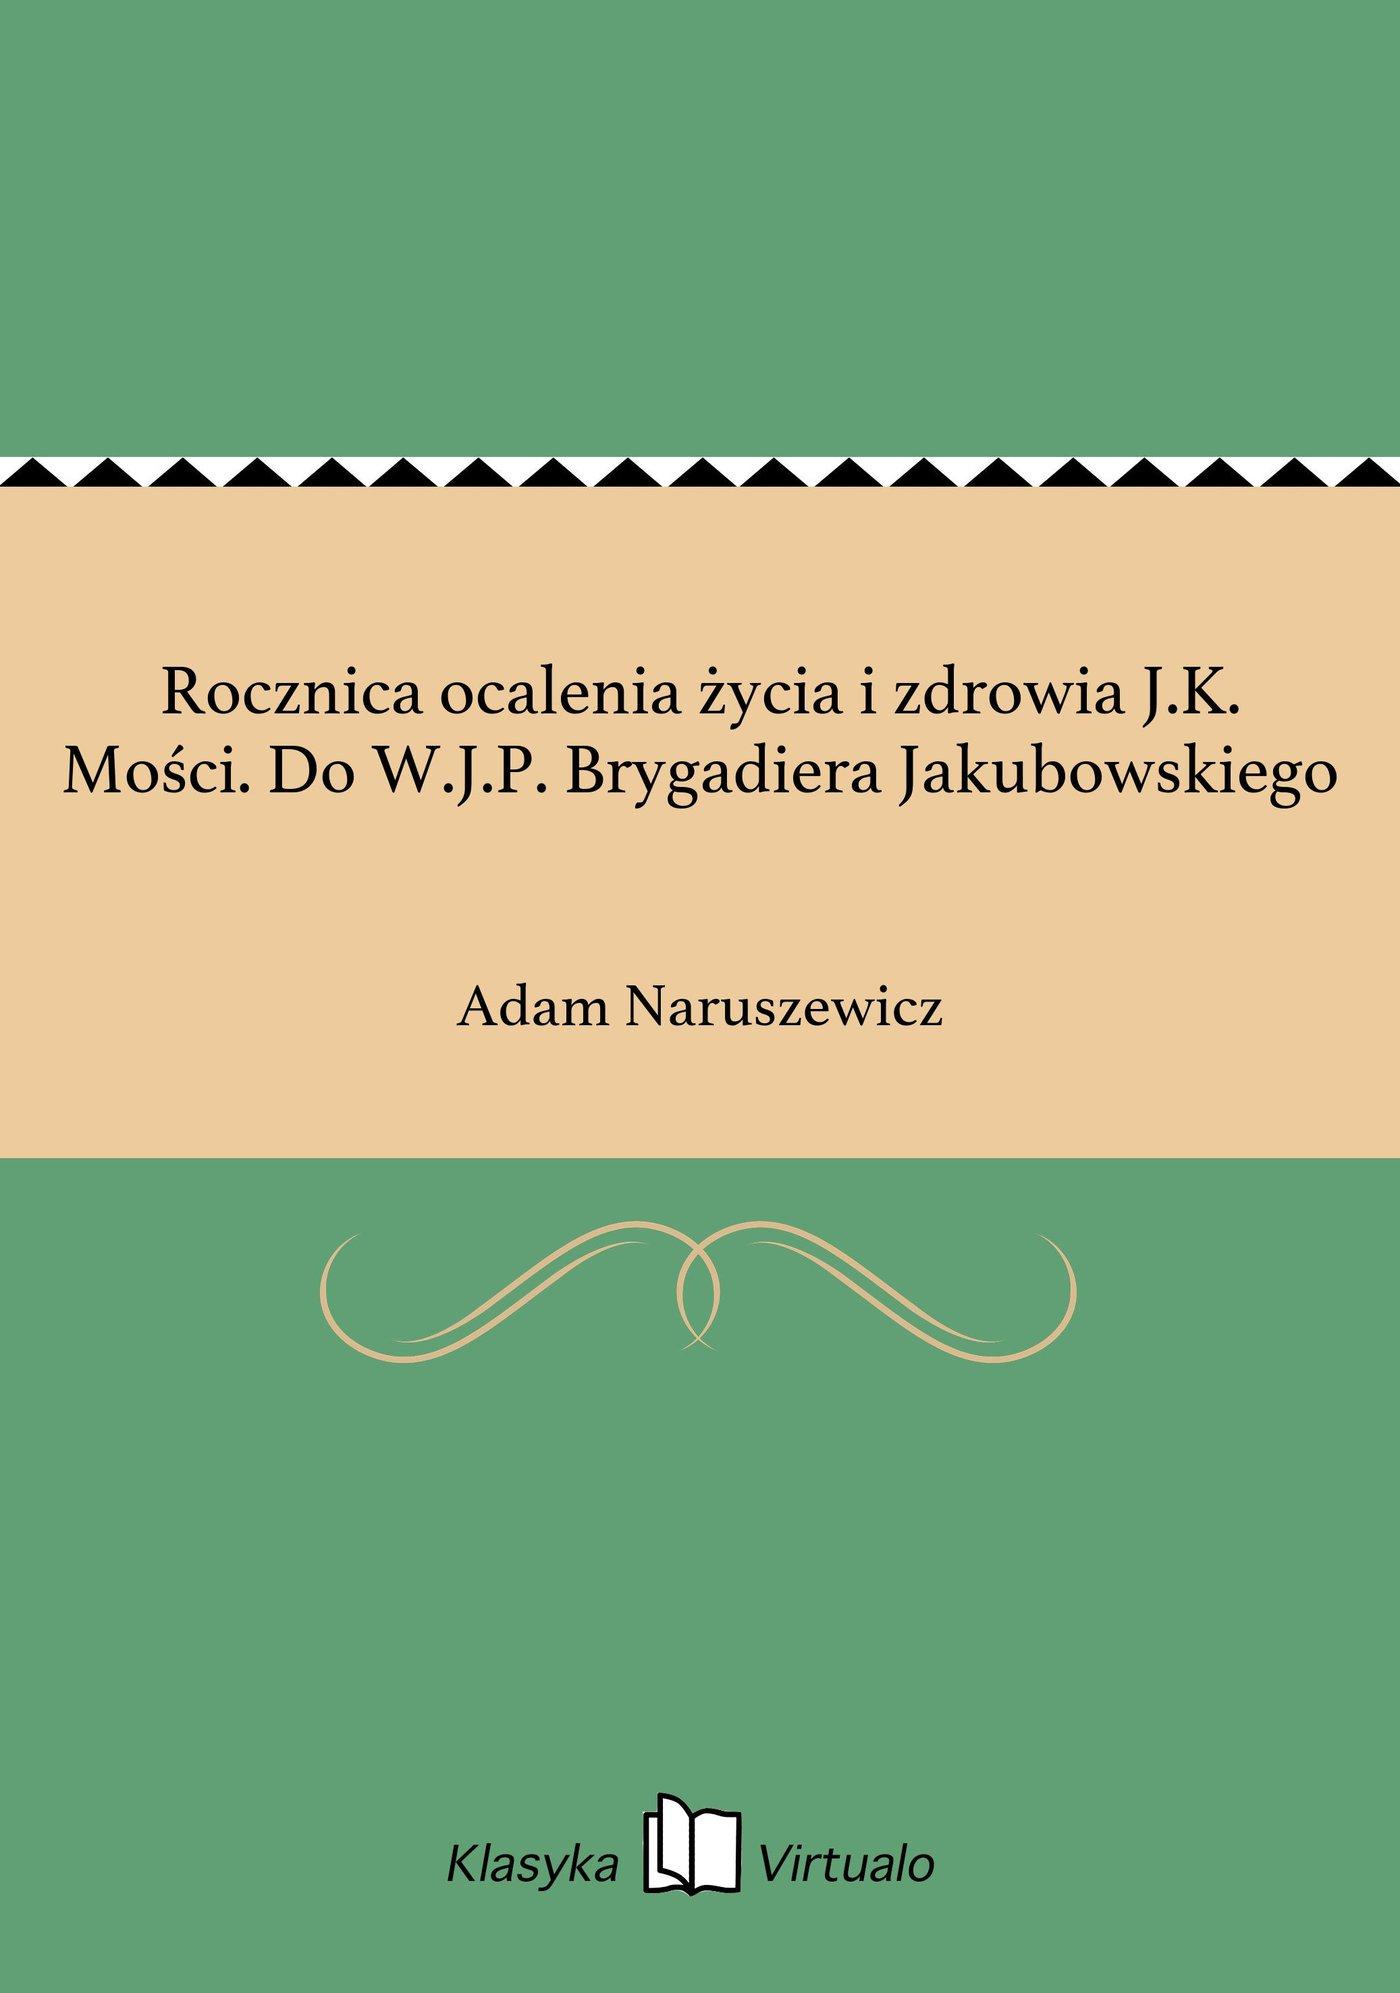 Rocznica ocalenia życia i zdrowia J.K. Mości. Do W.J.P. Brygadiera Jakubowskiego - Ebook (Książka EPUB) do pobrania w formacie EPUB